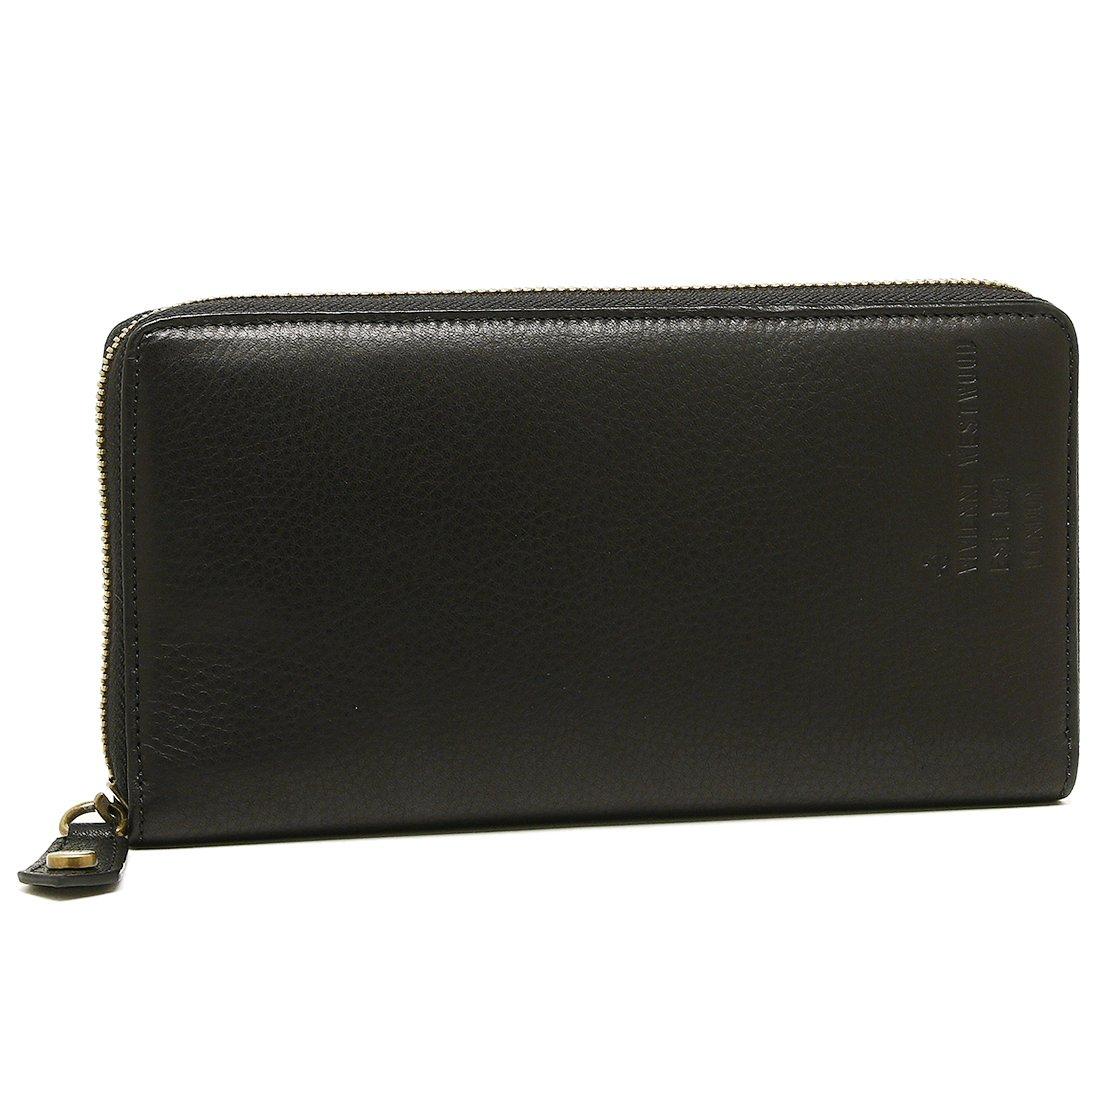 [ヴィヴィアンウエストウッド] 長財布 メンズ Vivienne Westwood 51080021 40240 N401 ブラック [並行輸入品] B07D7172GQ